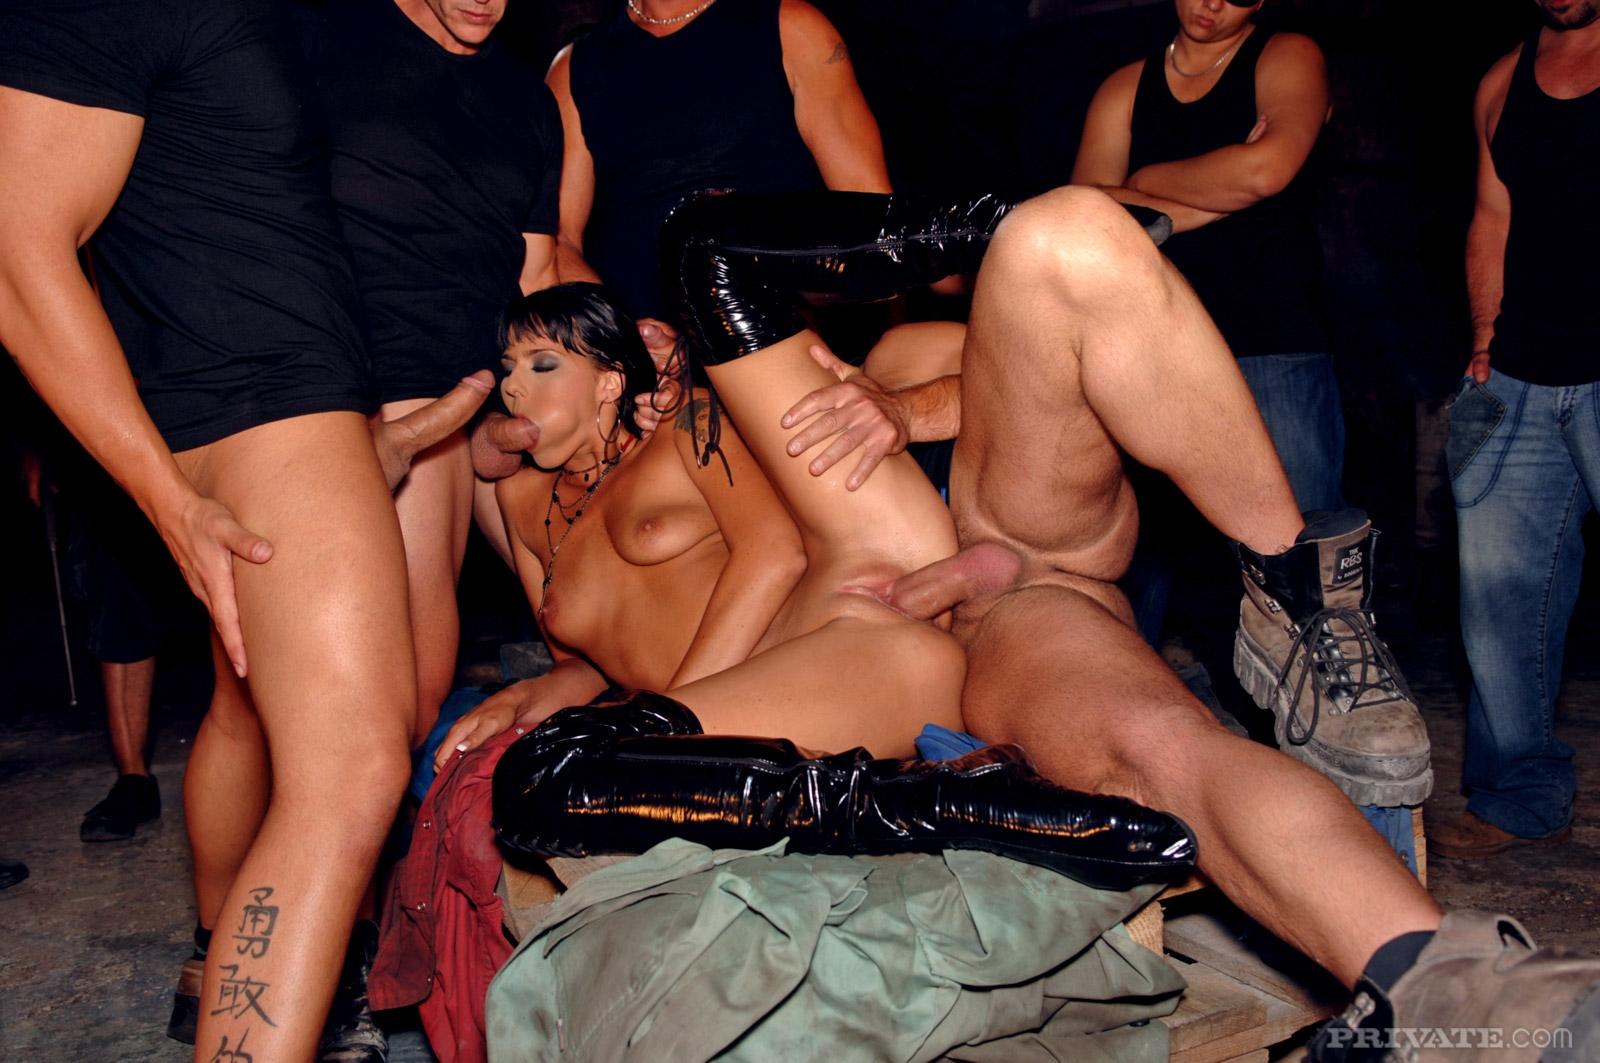 Трахнули дома на вечеринке, Домашние Русские Вечеринки (найденопорно видео.) 10 фотография